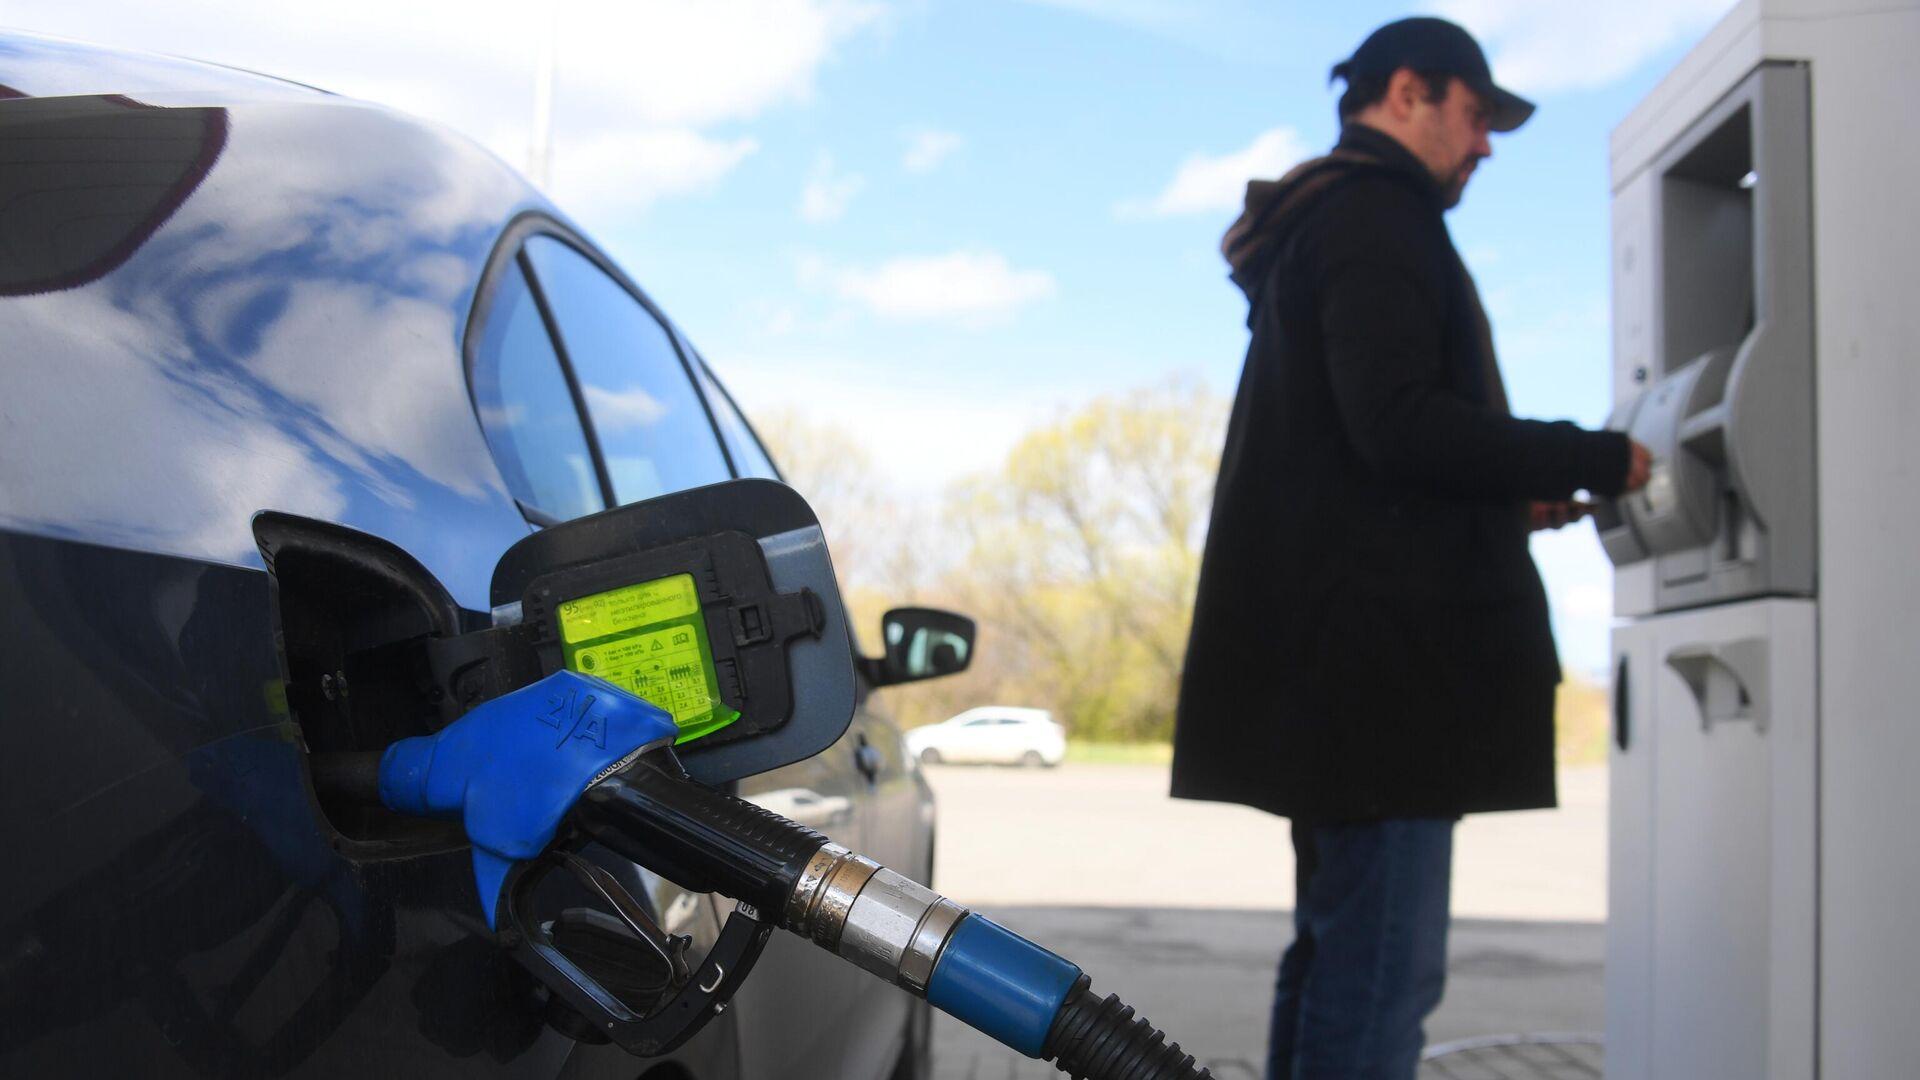 Мужчина оплачивает автомобильное топливо на одной из АЗС в Москве - РИА Новости, 1920, 12.11.2020